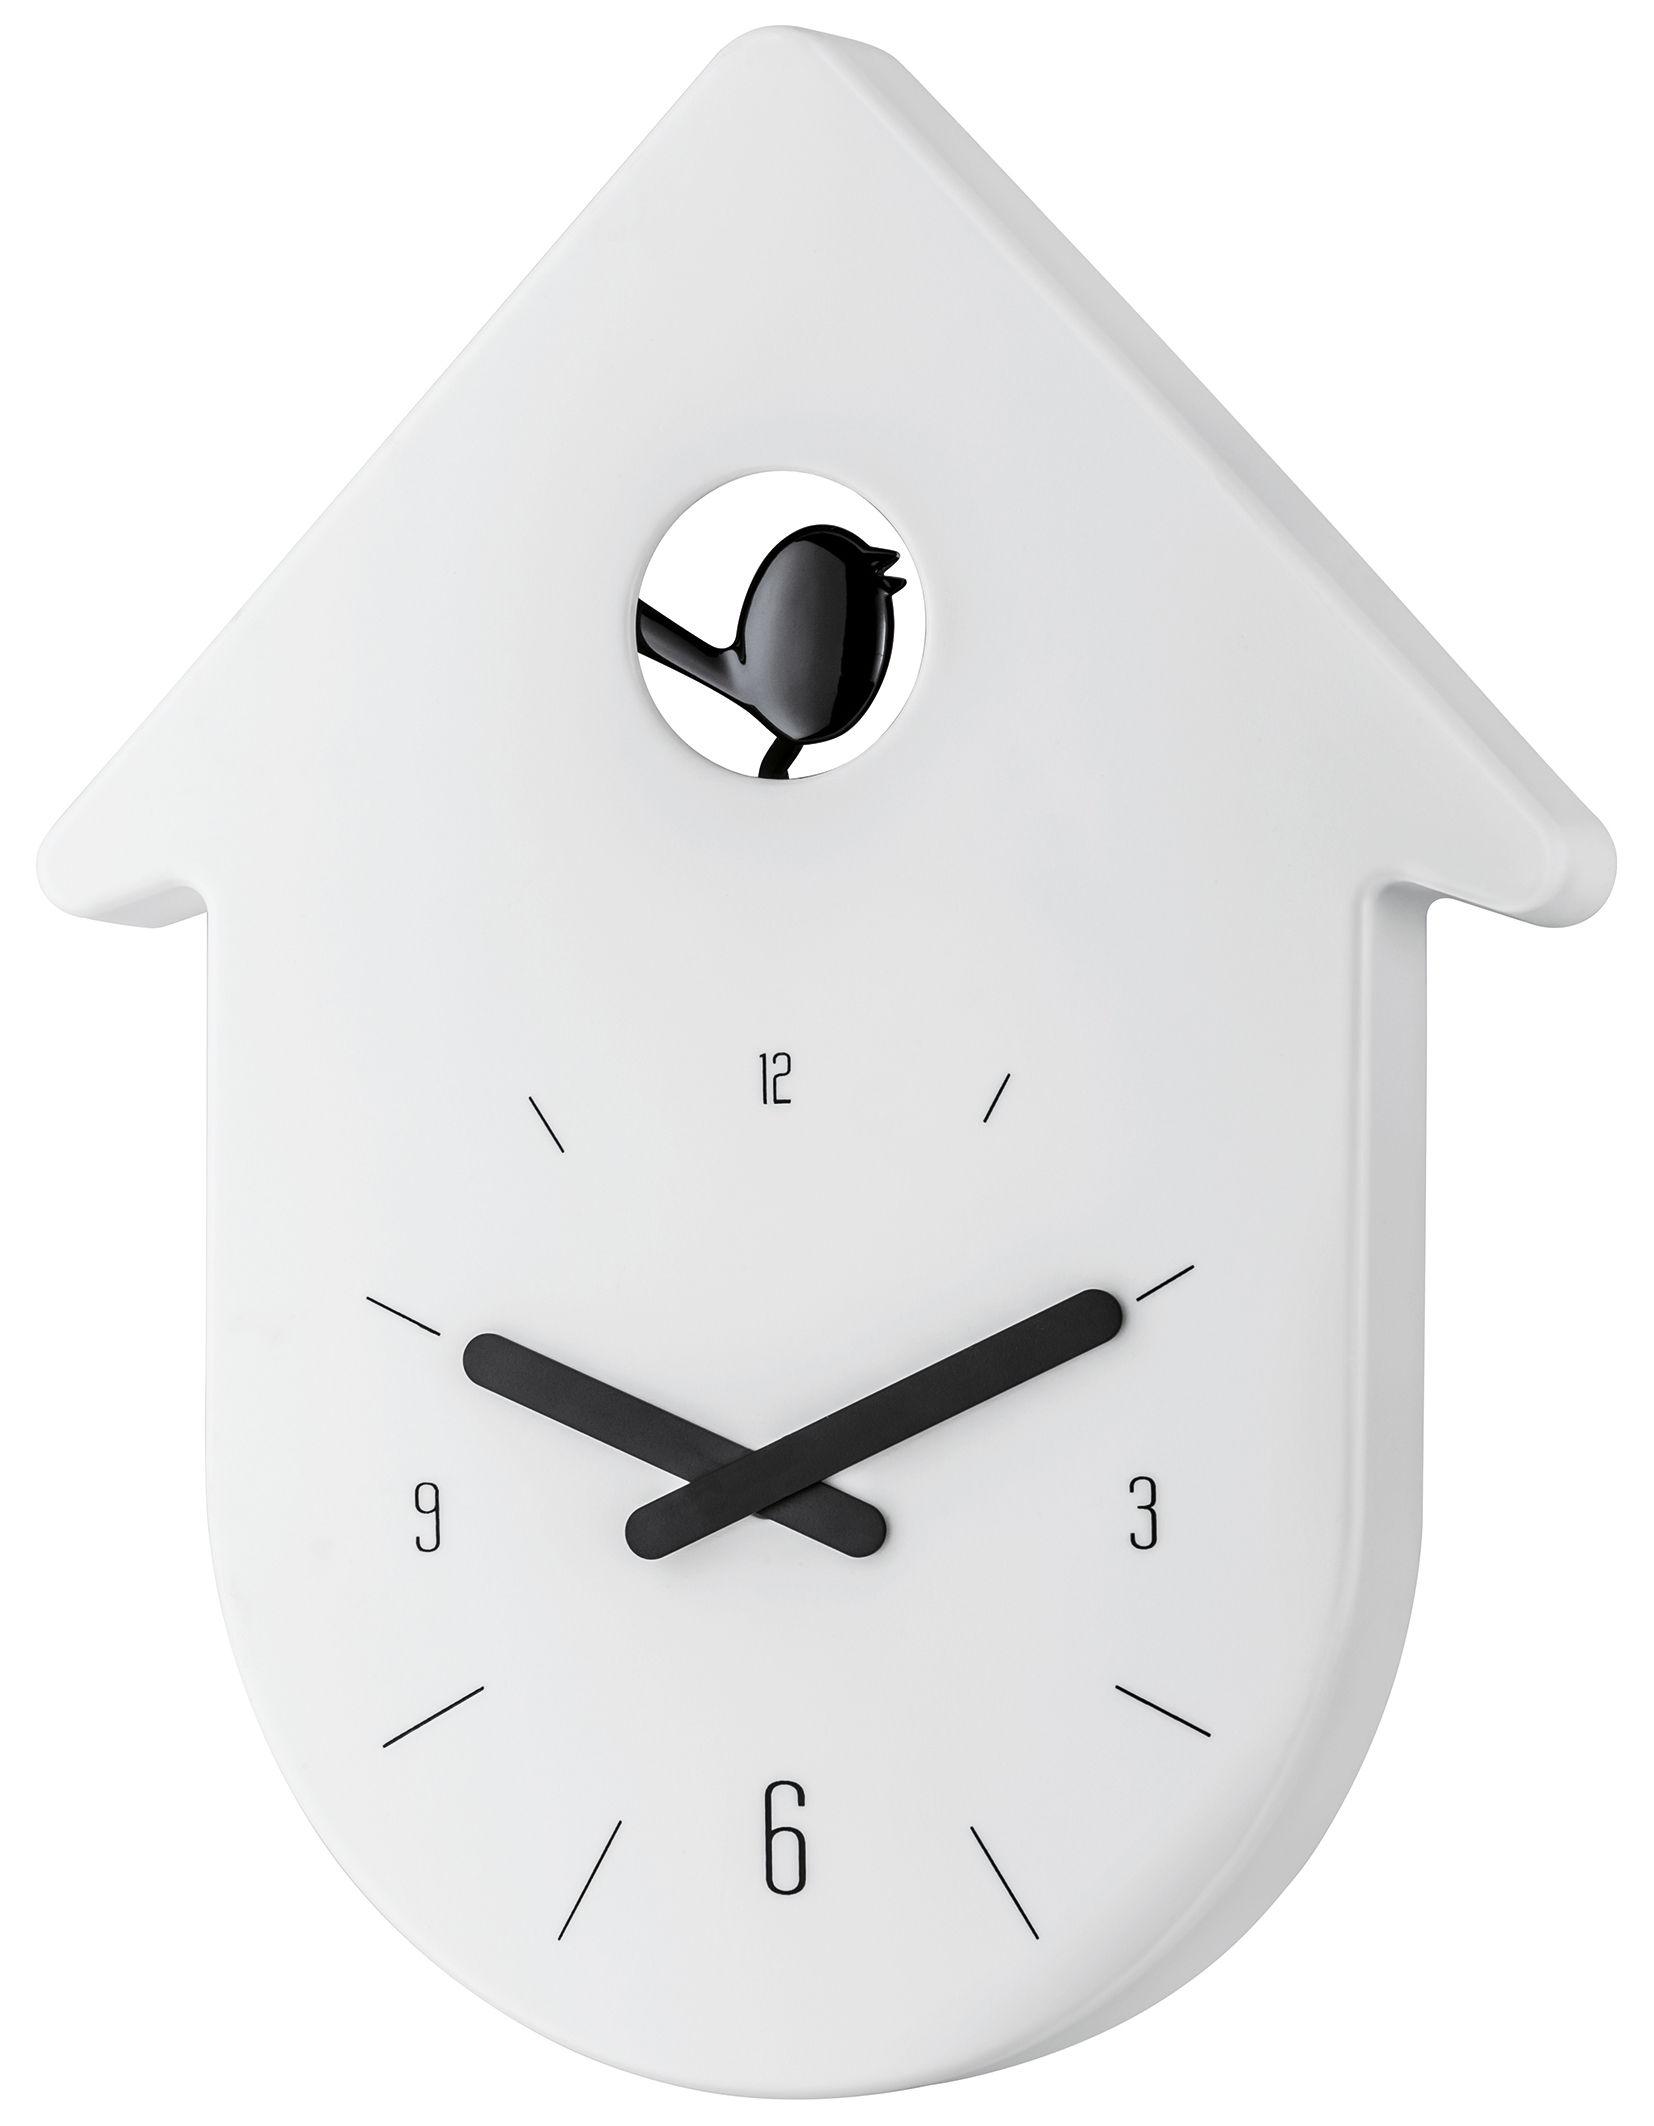 Déco - Horloges  - Horloge murale Toc-Toc - Koziol - Cadran : blanc / Aiguilles : noir - Plastique recyclable